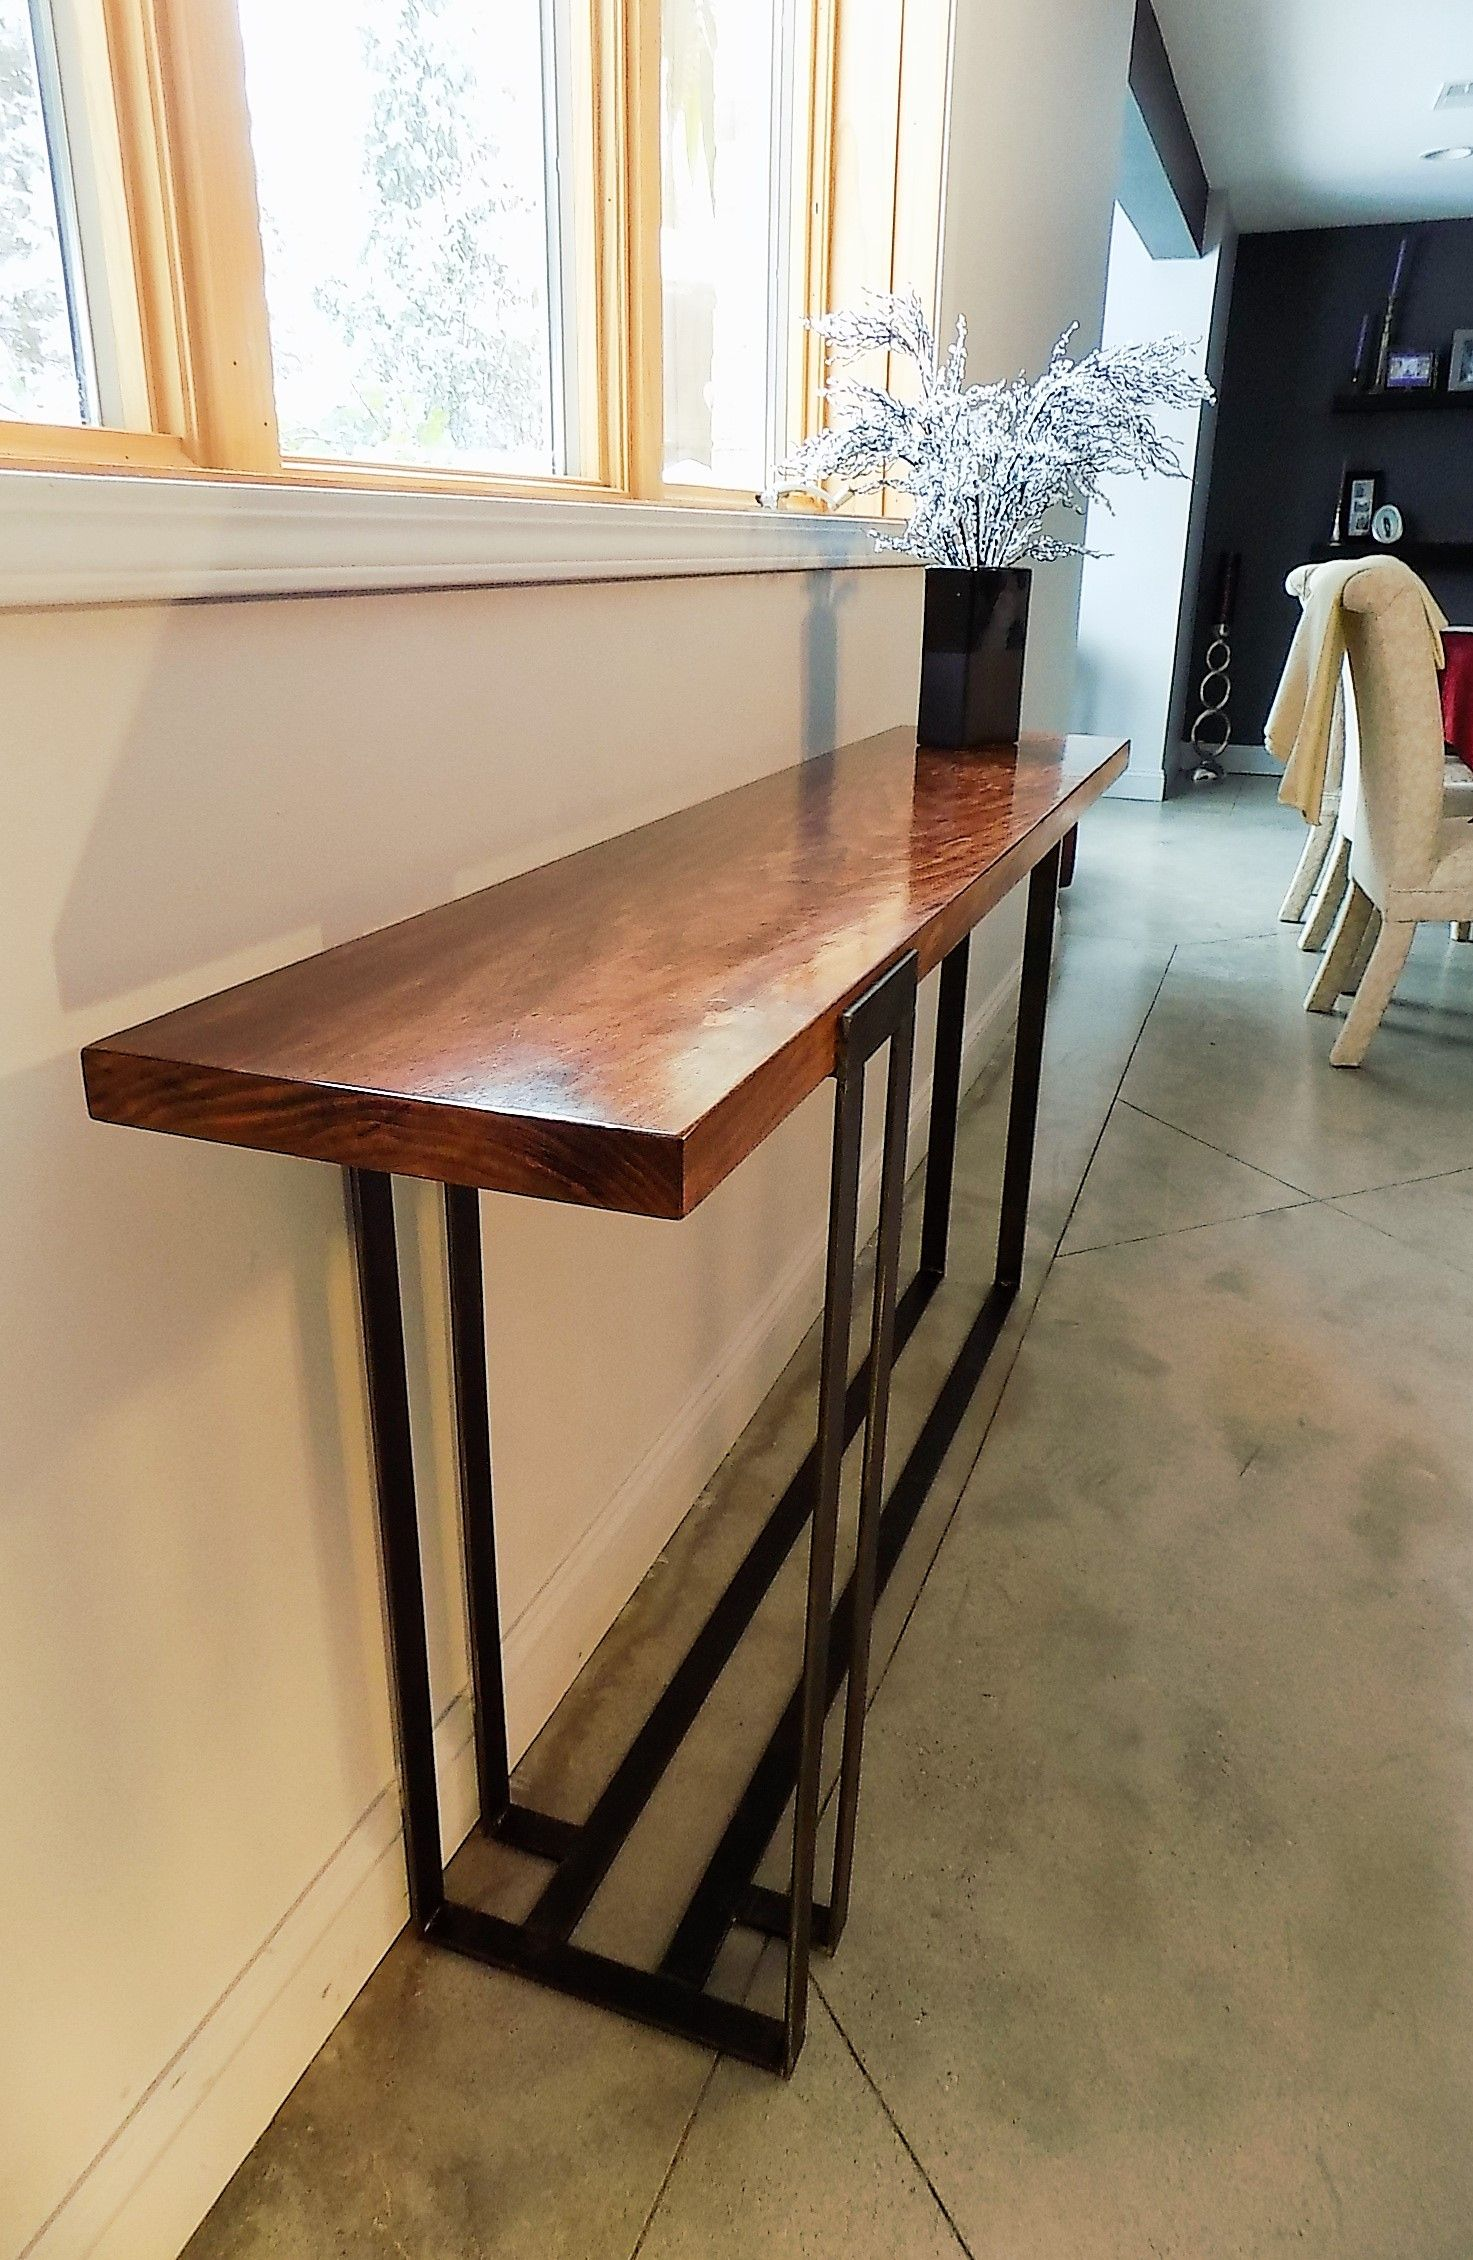 Esoteric furniture dscn0212 2